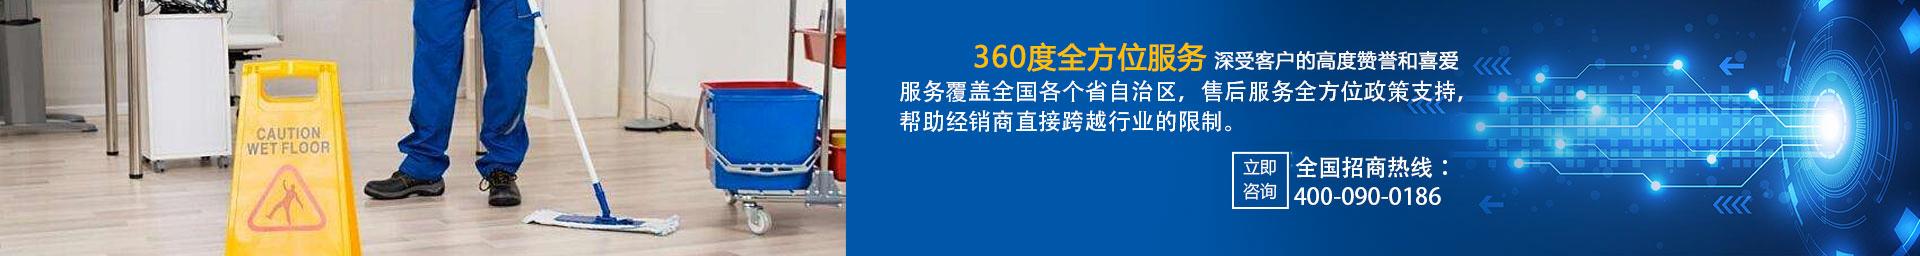 客户提供售后服务,覆盖范围面向全国。服务热线:400-090-0186。